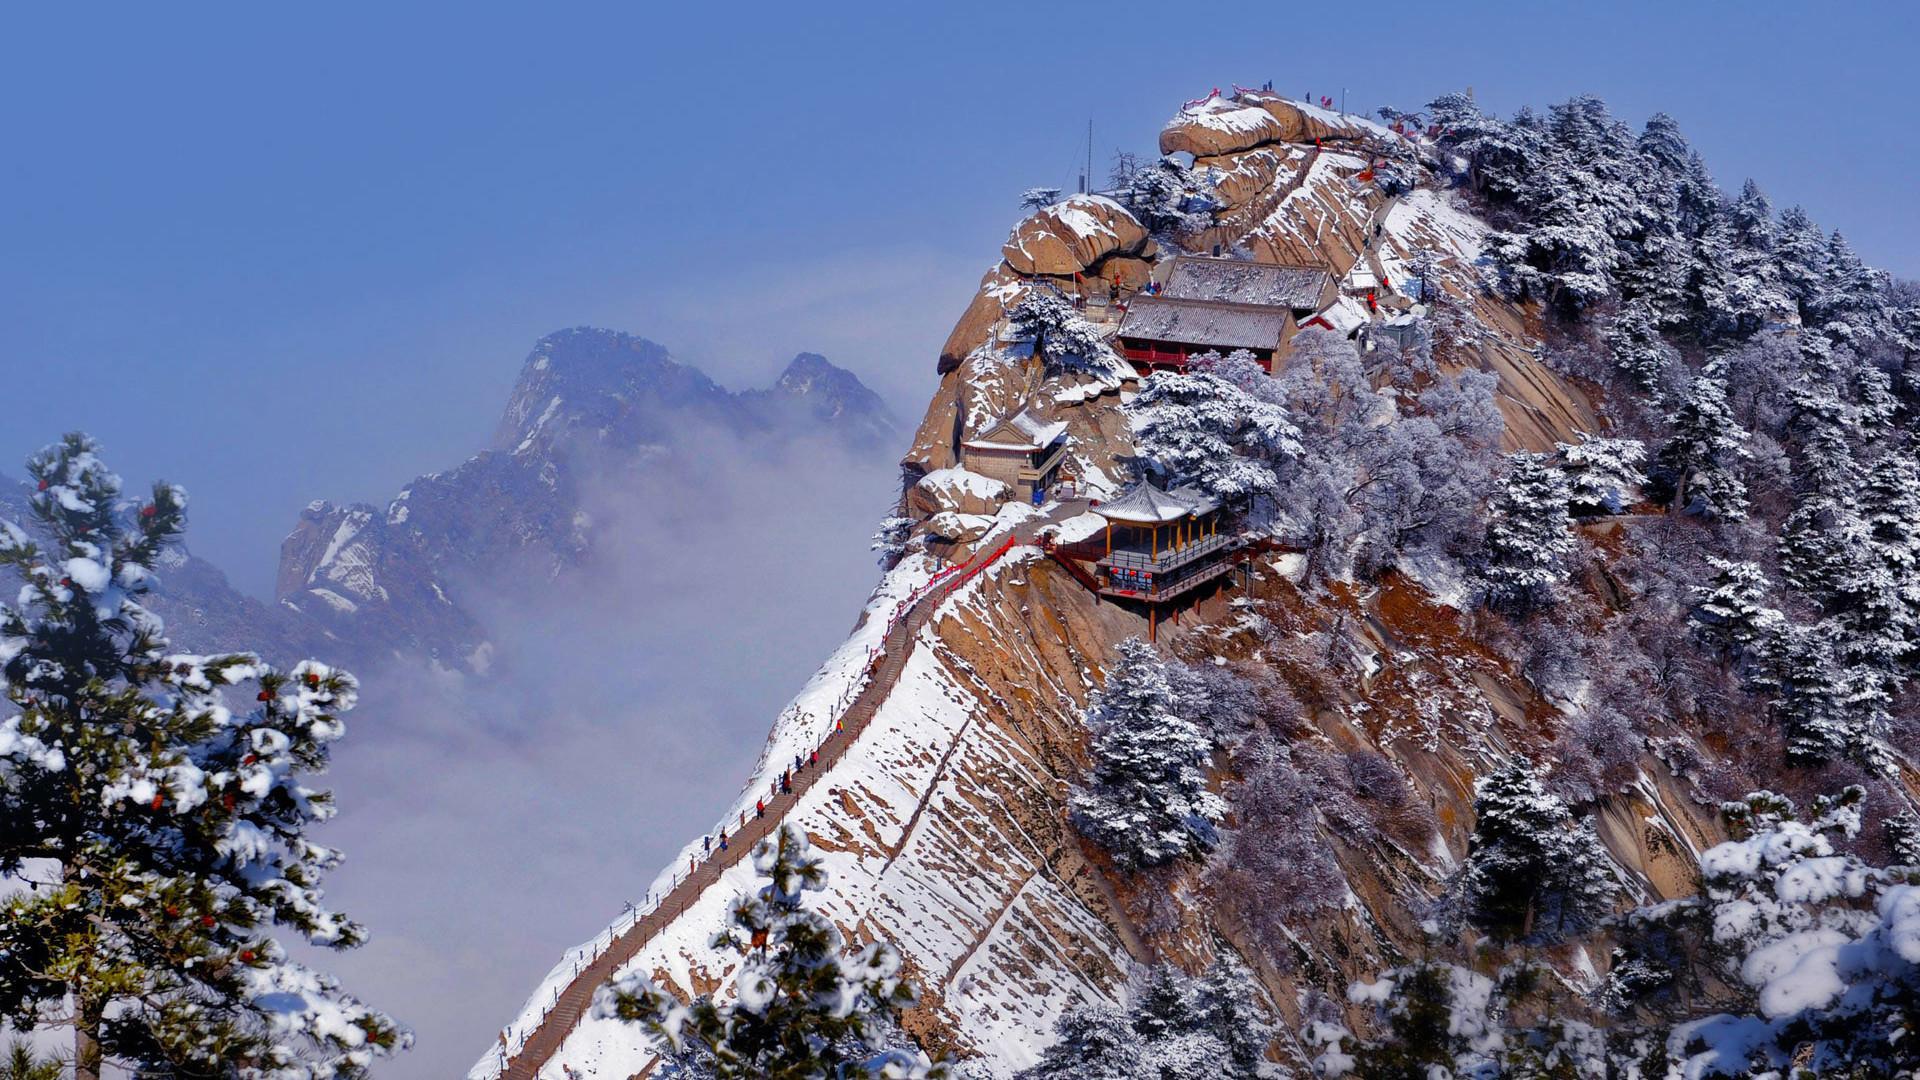 雪景壁纸 风景 唯美冬季雪景风景桌面高清壁纸